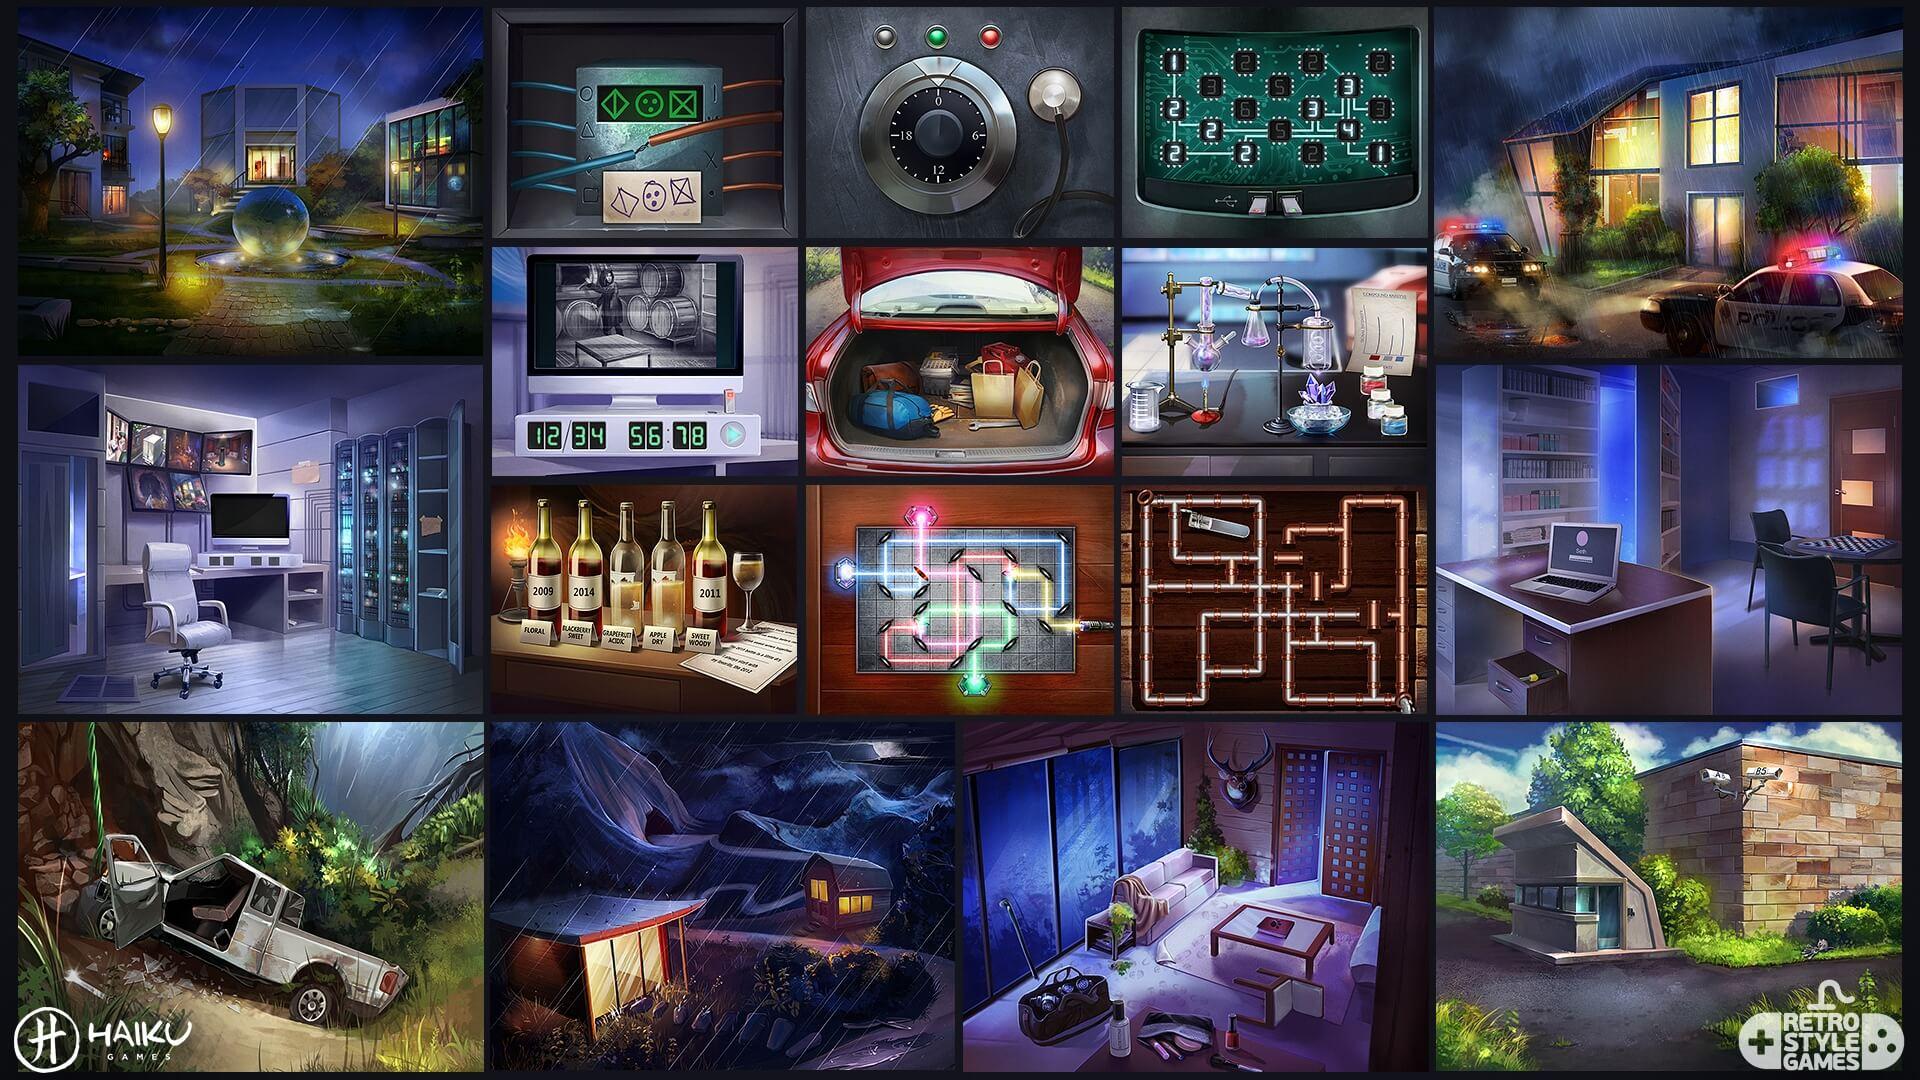 CultMystery HOG full art sheet2 puzzles